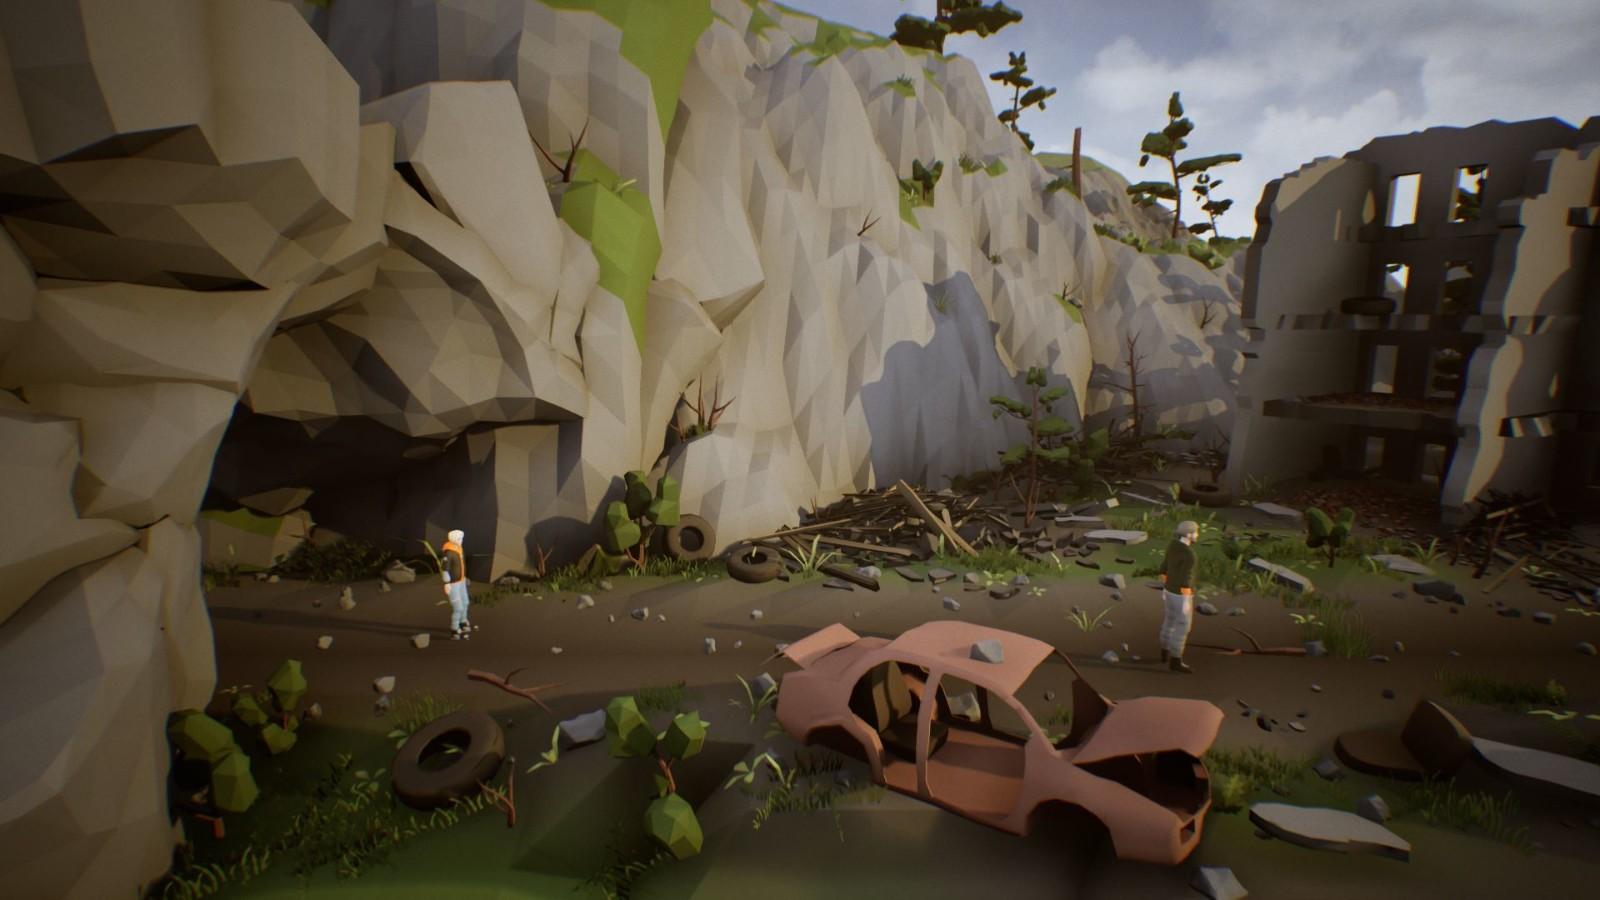 双人生存解谜游戏《父子俩》上架Steam 明年发售